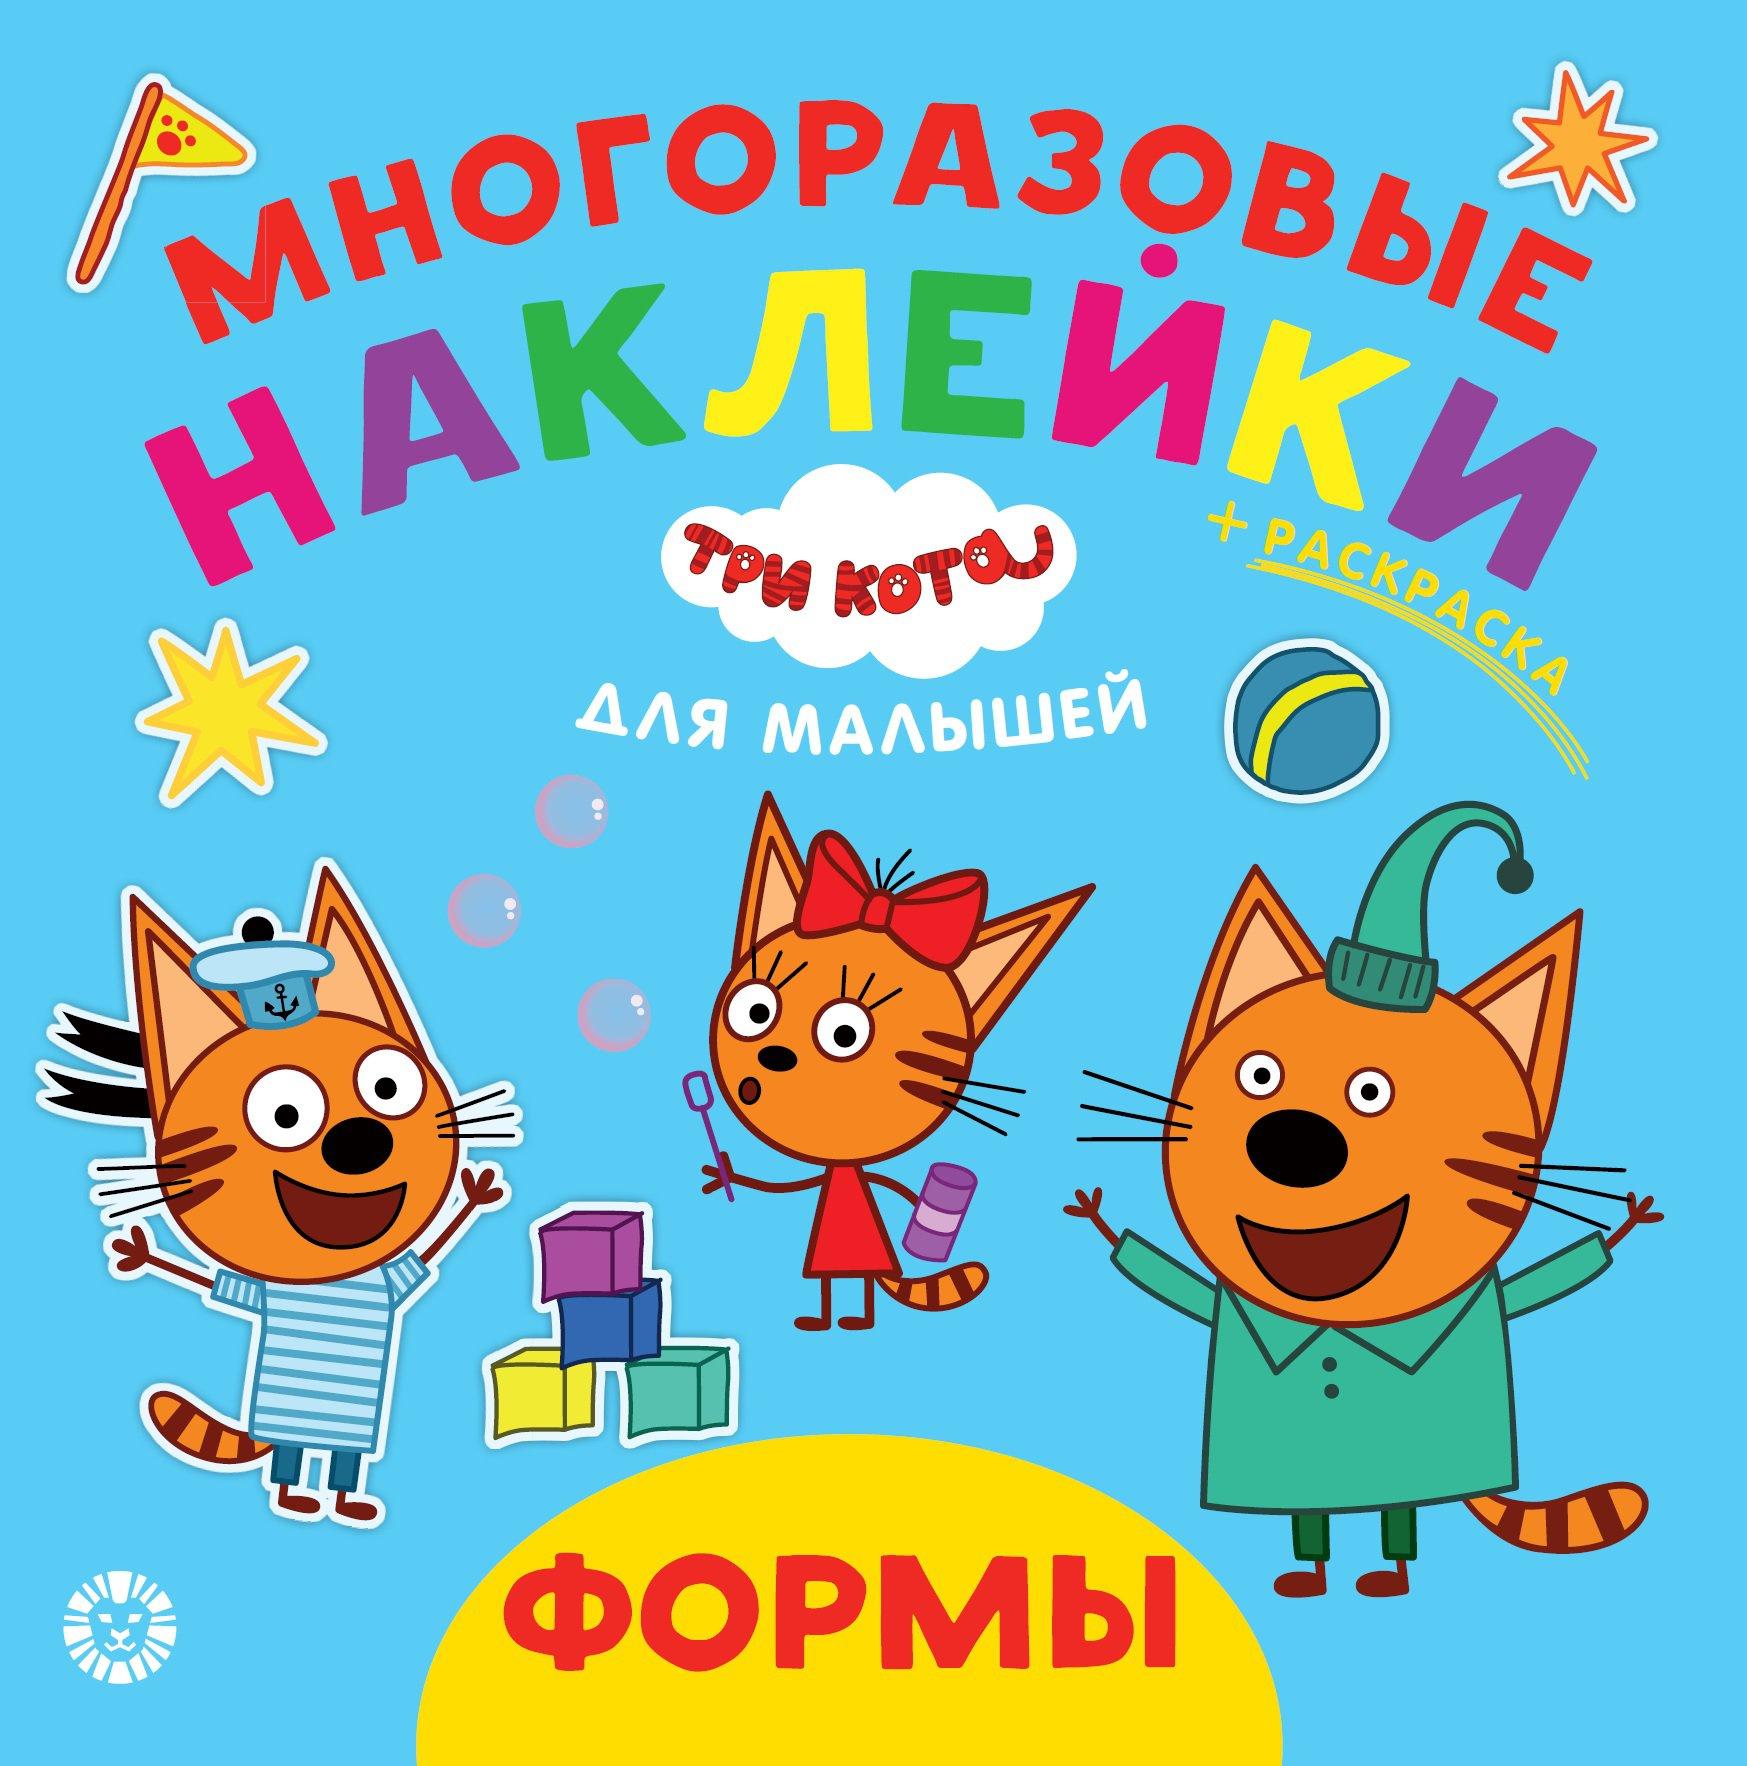 Три кота. Формы. N ОНМ 2006. Обучающие наклейки для малышей. Развивающая книжка